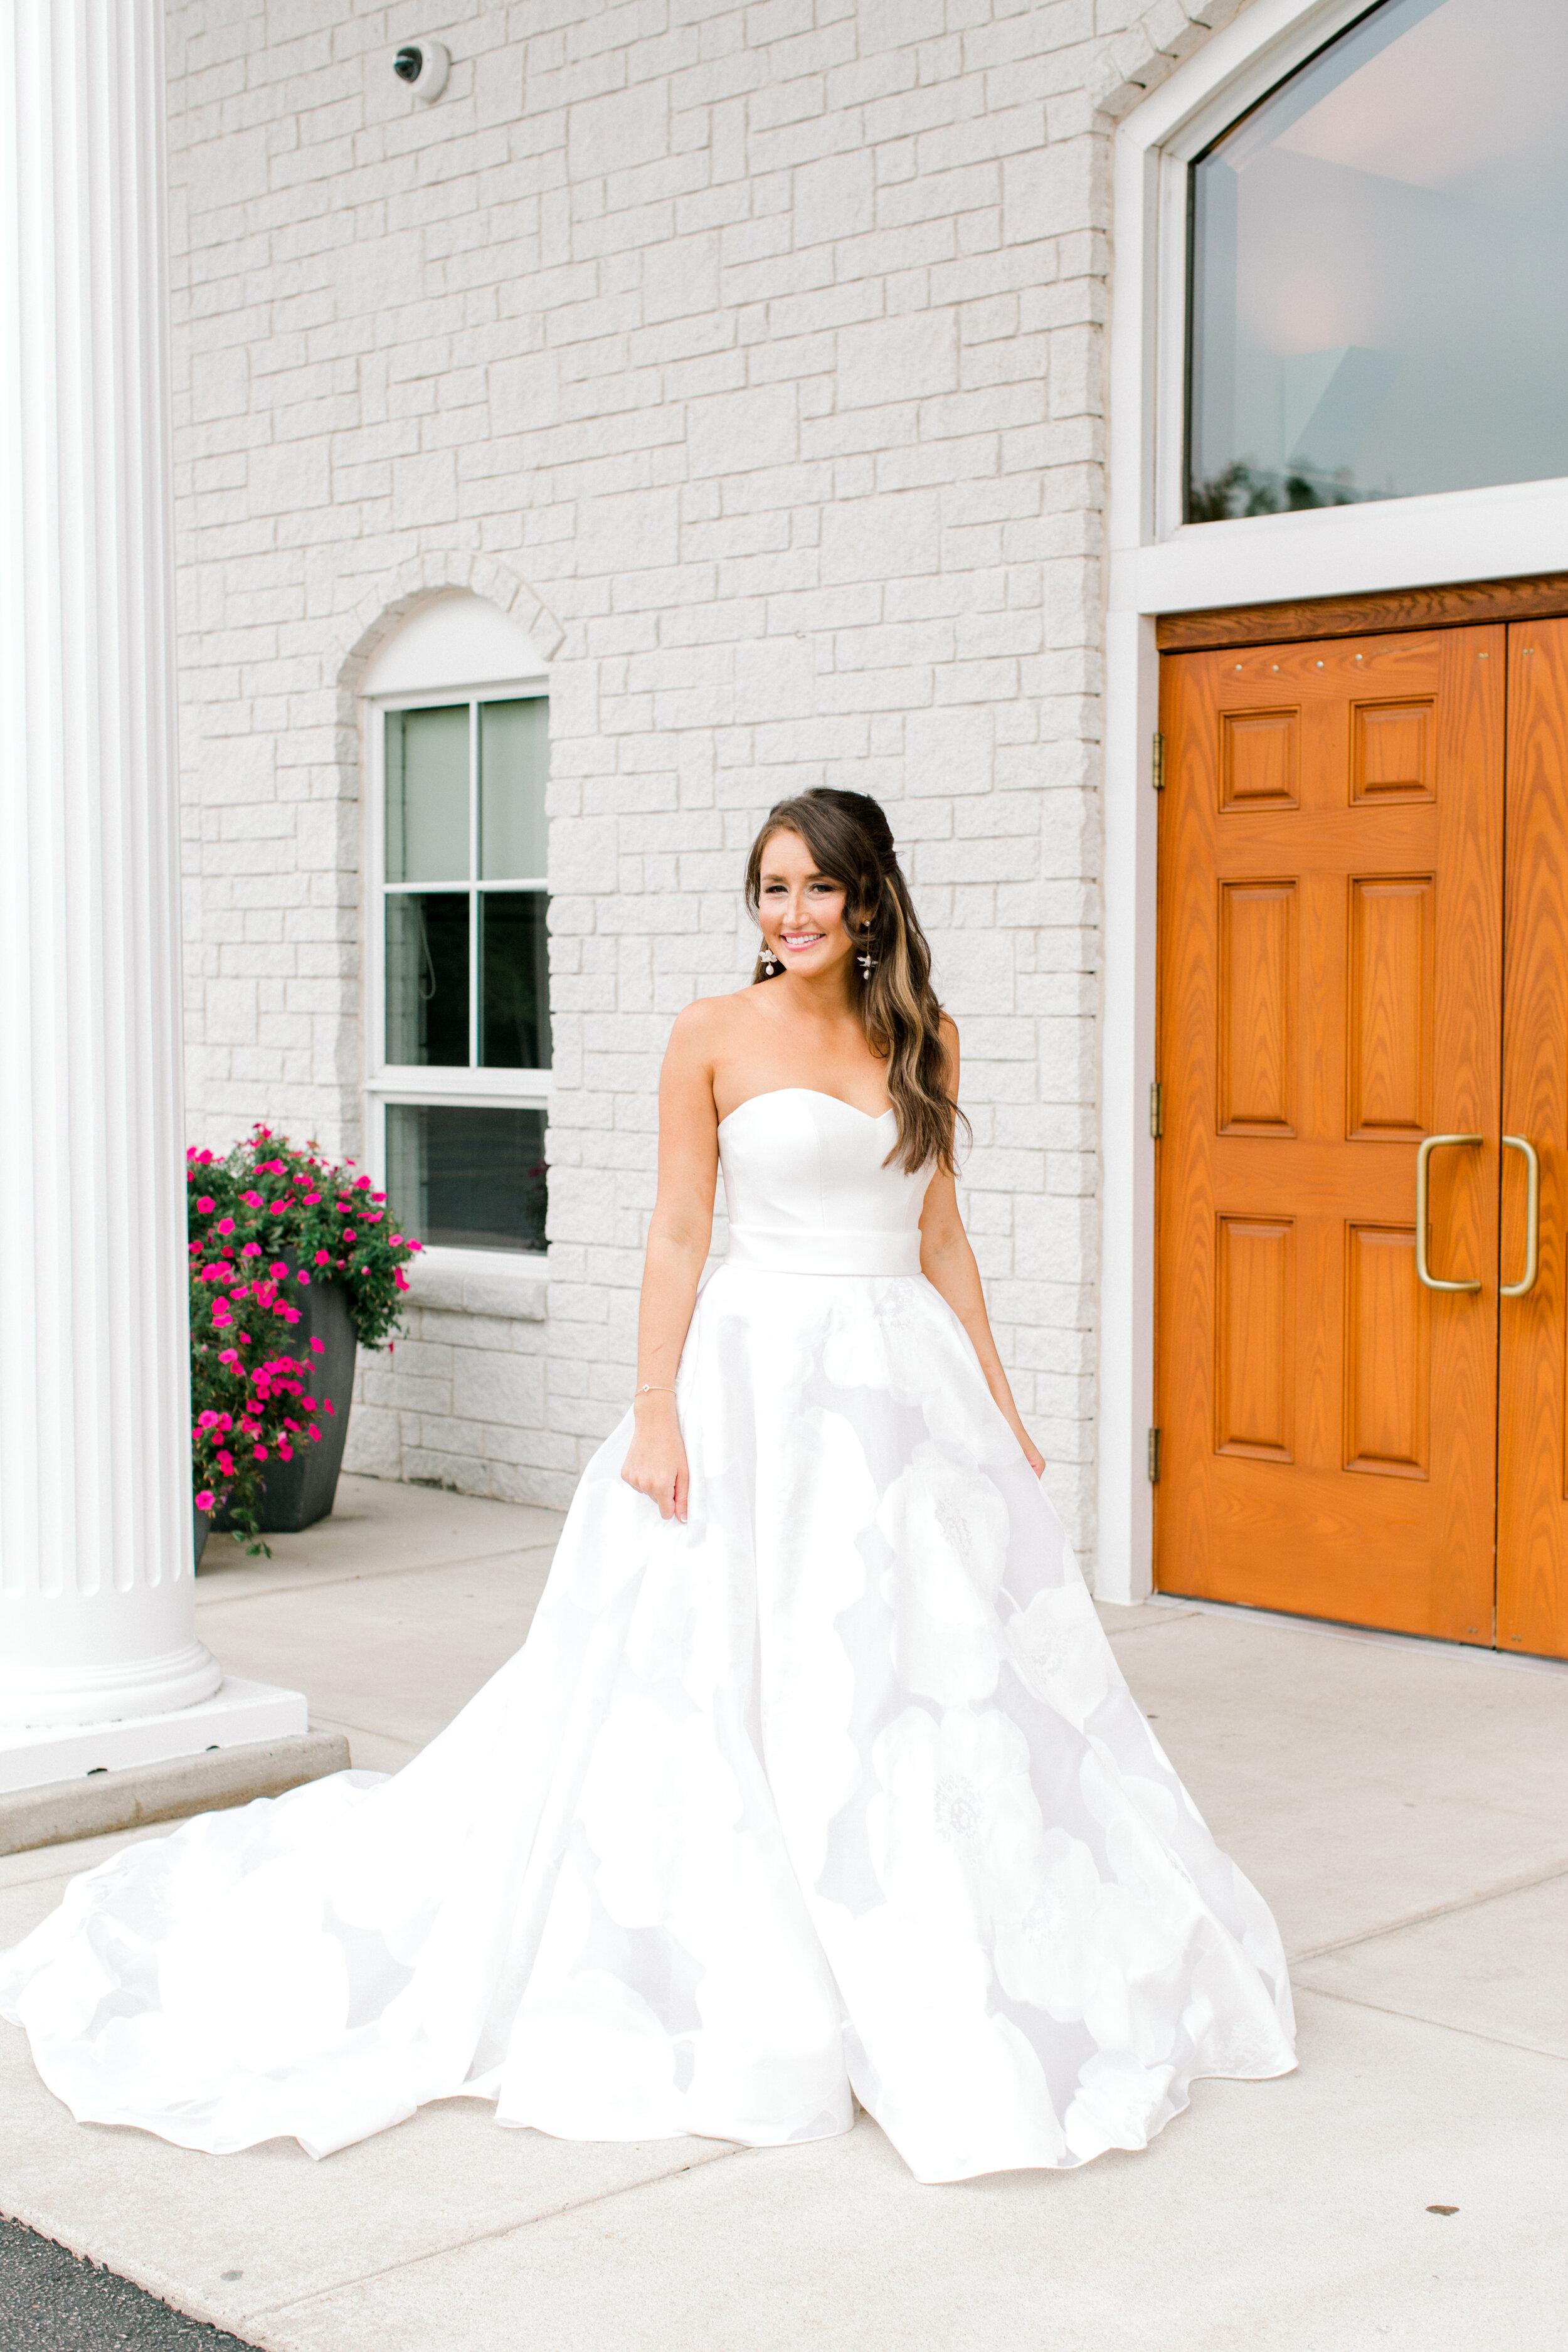 Kuiper+Wedding+Getting+Ready-225.jpg